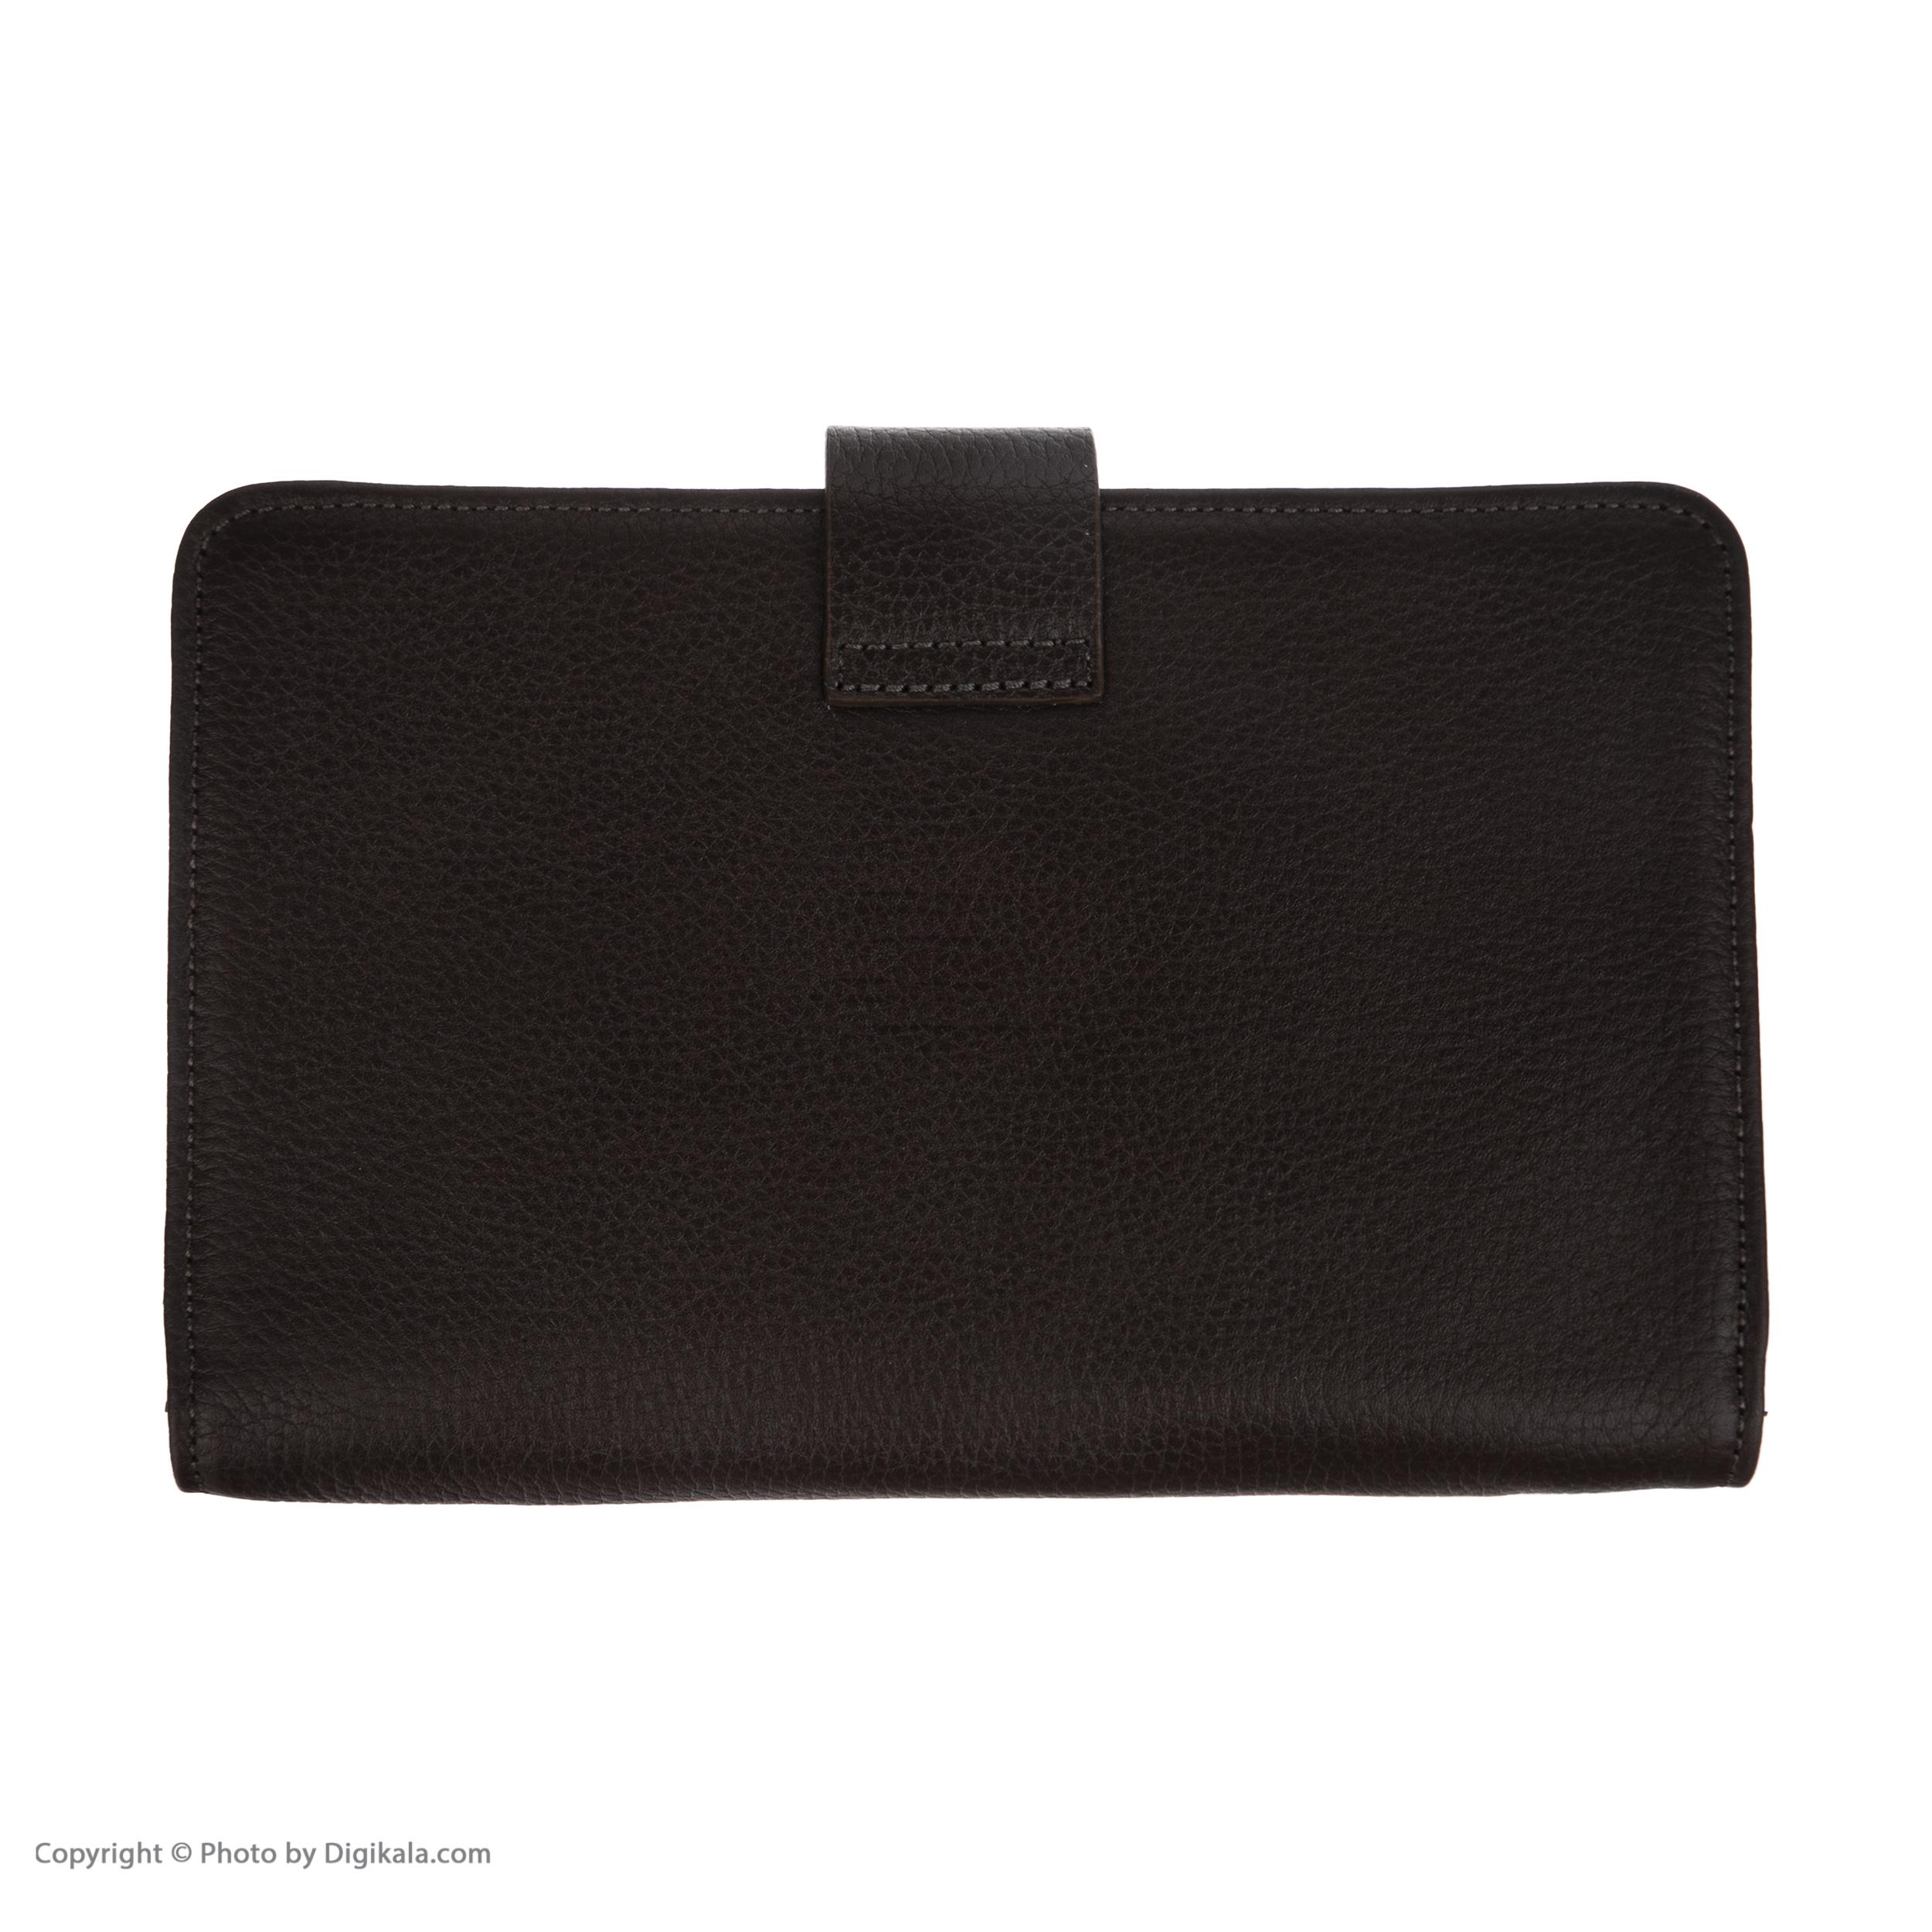 کیف دستی مردانه چرم مشهد مدل P5520-089